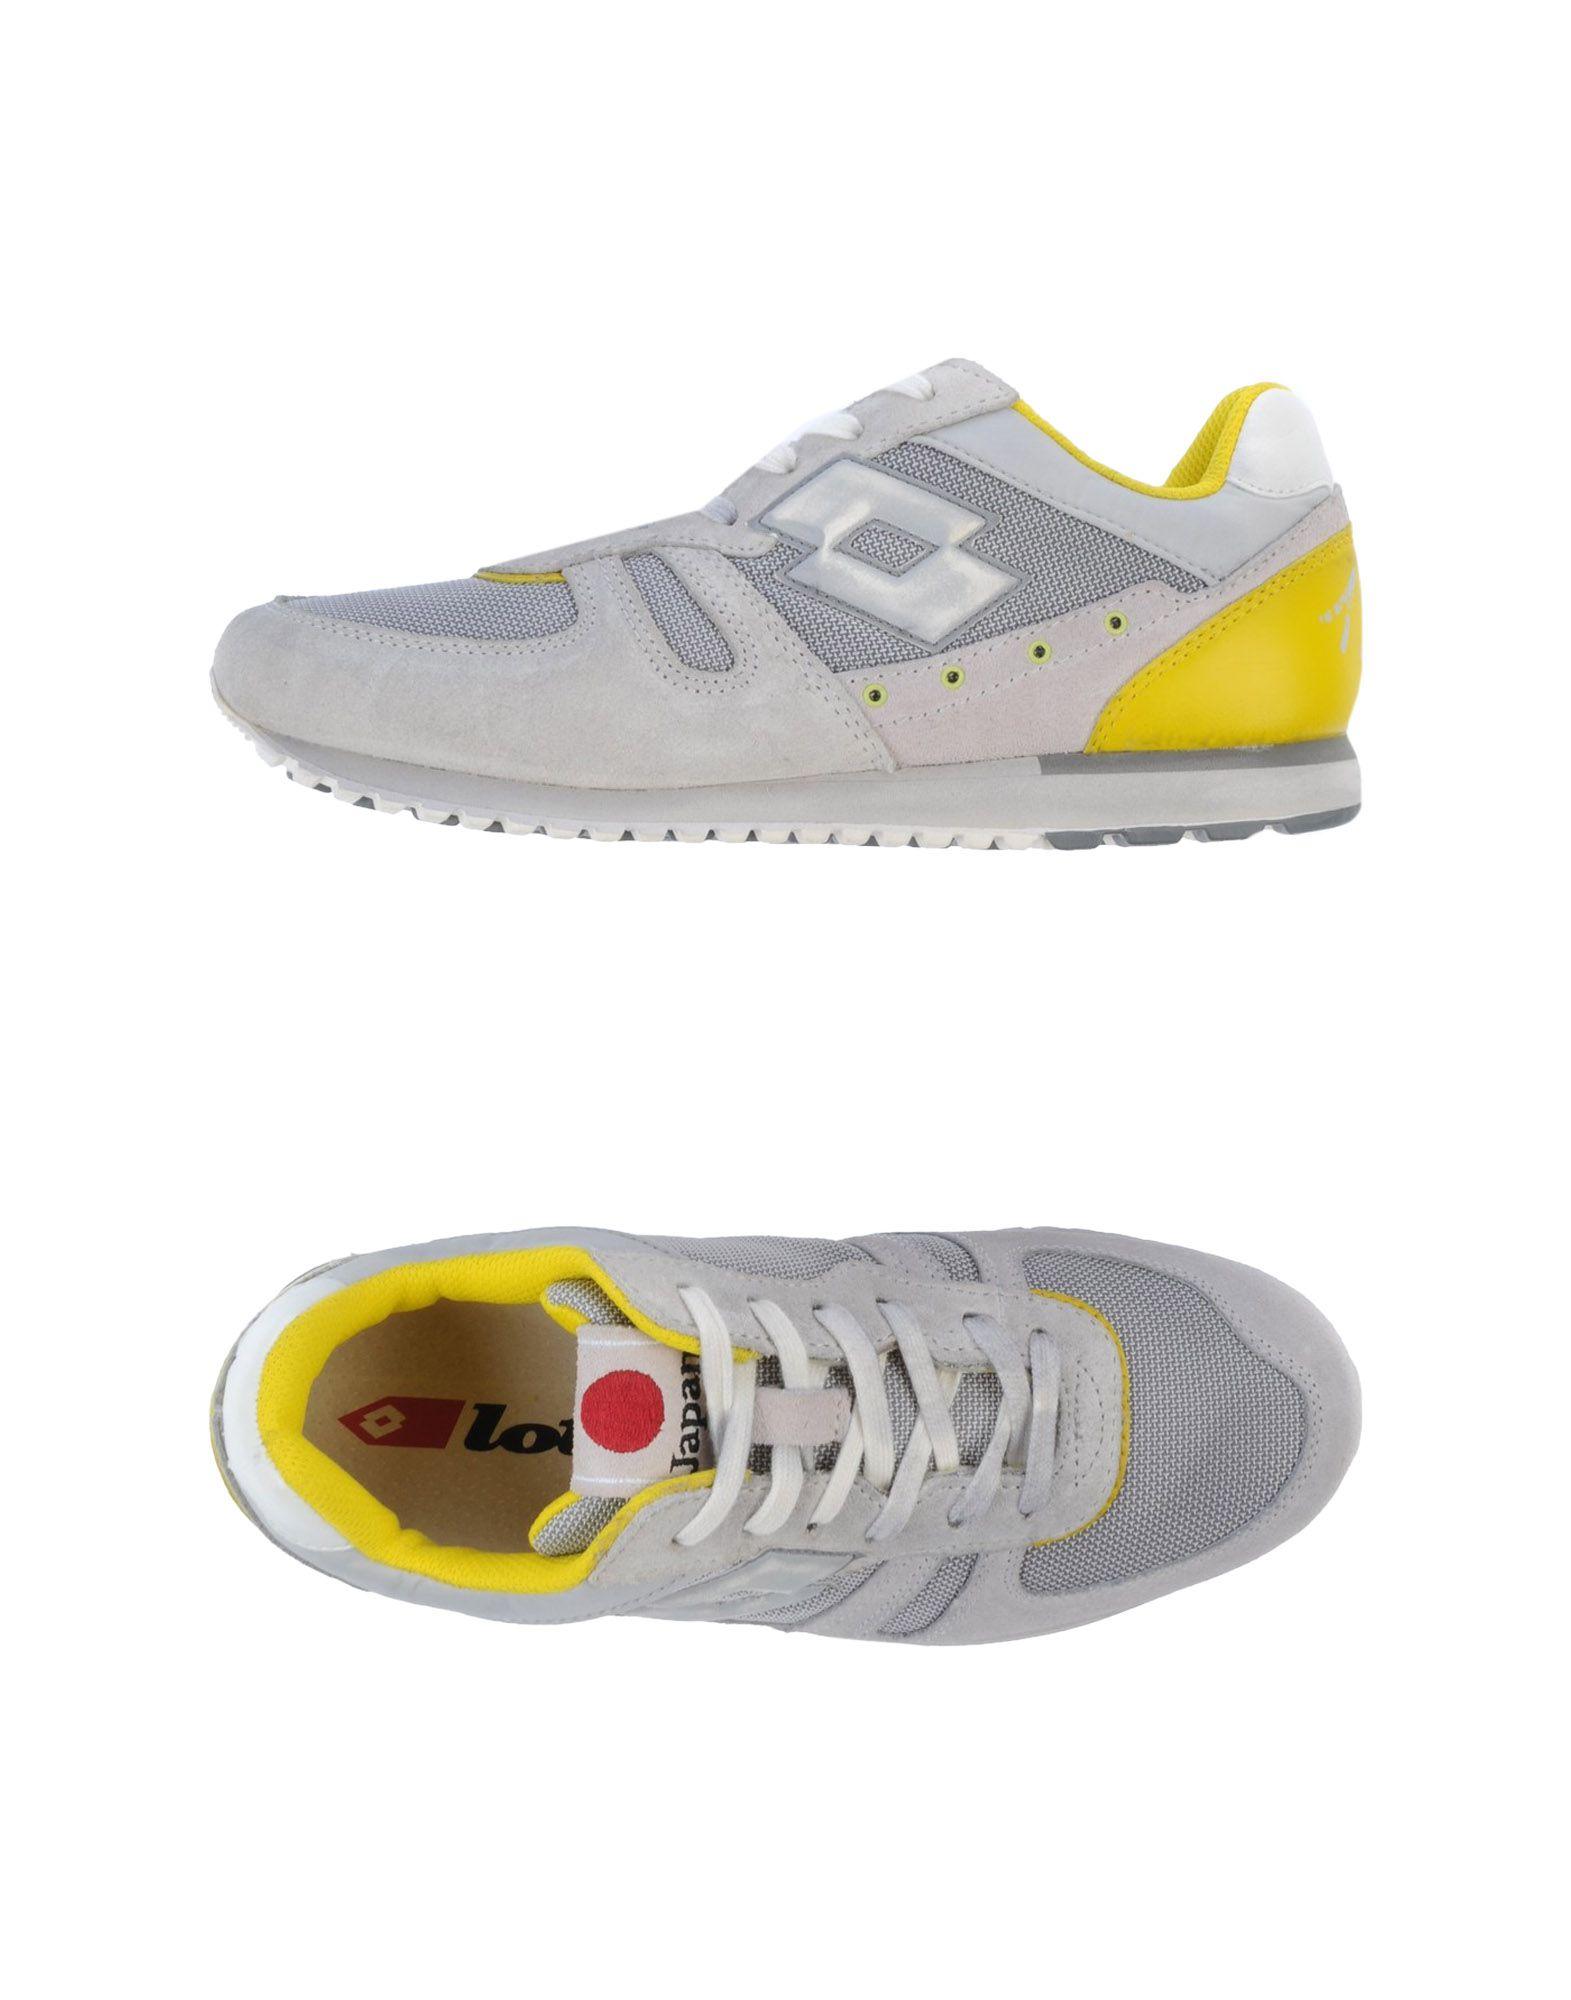 Lotto Leggenda Sneakers Sneakers Sneakers - Women Lotto Leggenda Sneakers online on  Canada - 44631034DA 1aff1c